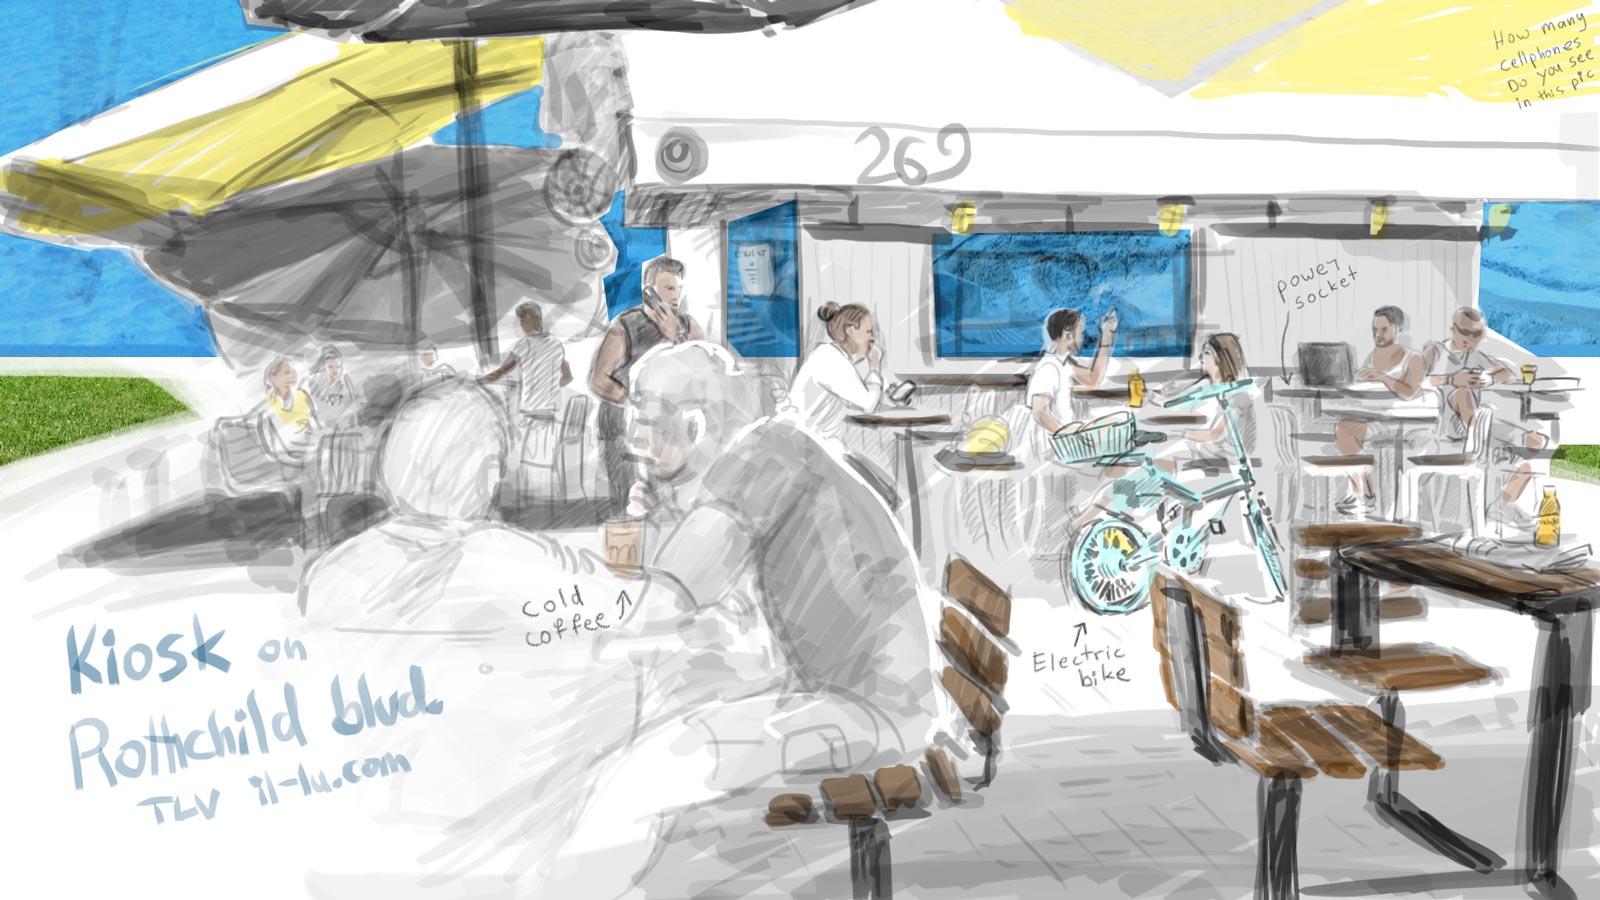 cafe kiosk in Tel aviv